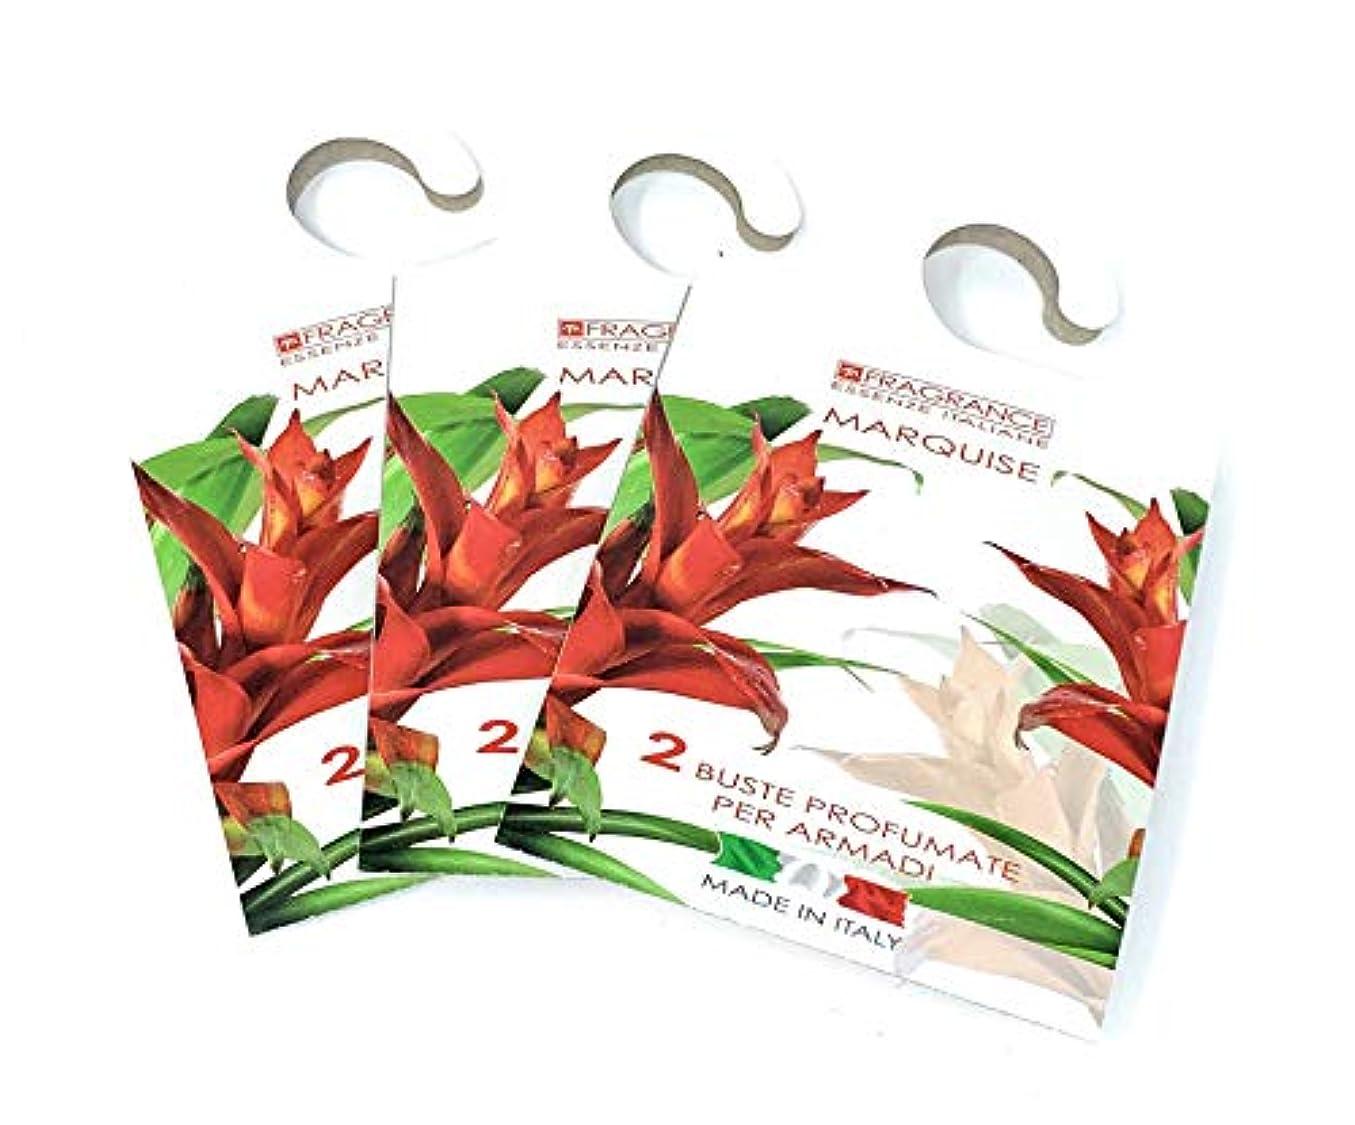 枠簡潔なプレートMERCURY ITALY 吊り下げるサシェ(香り袋) FIOREALE イタリア製 マルキーズの香り/MARQUISE 2枚入り×3パック [並行輸入品]